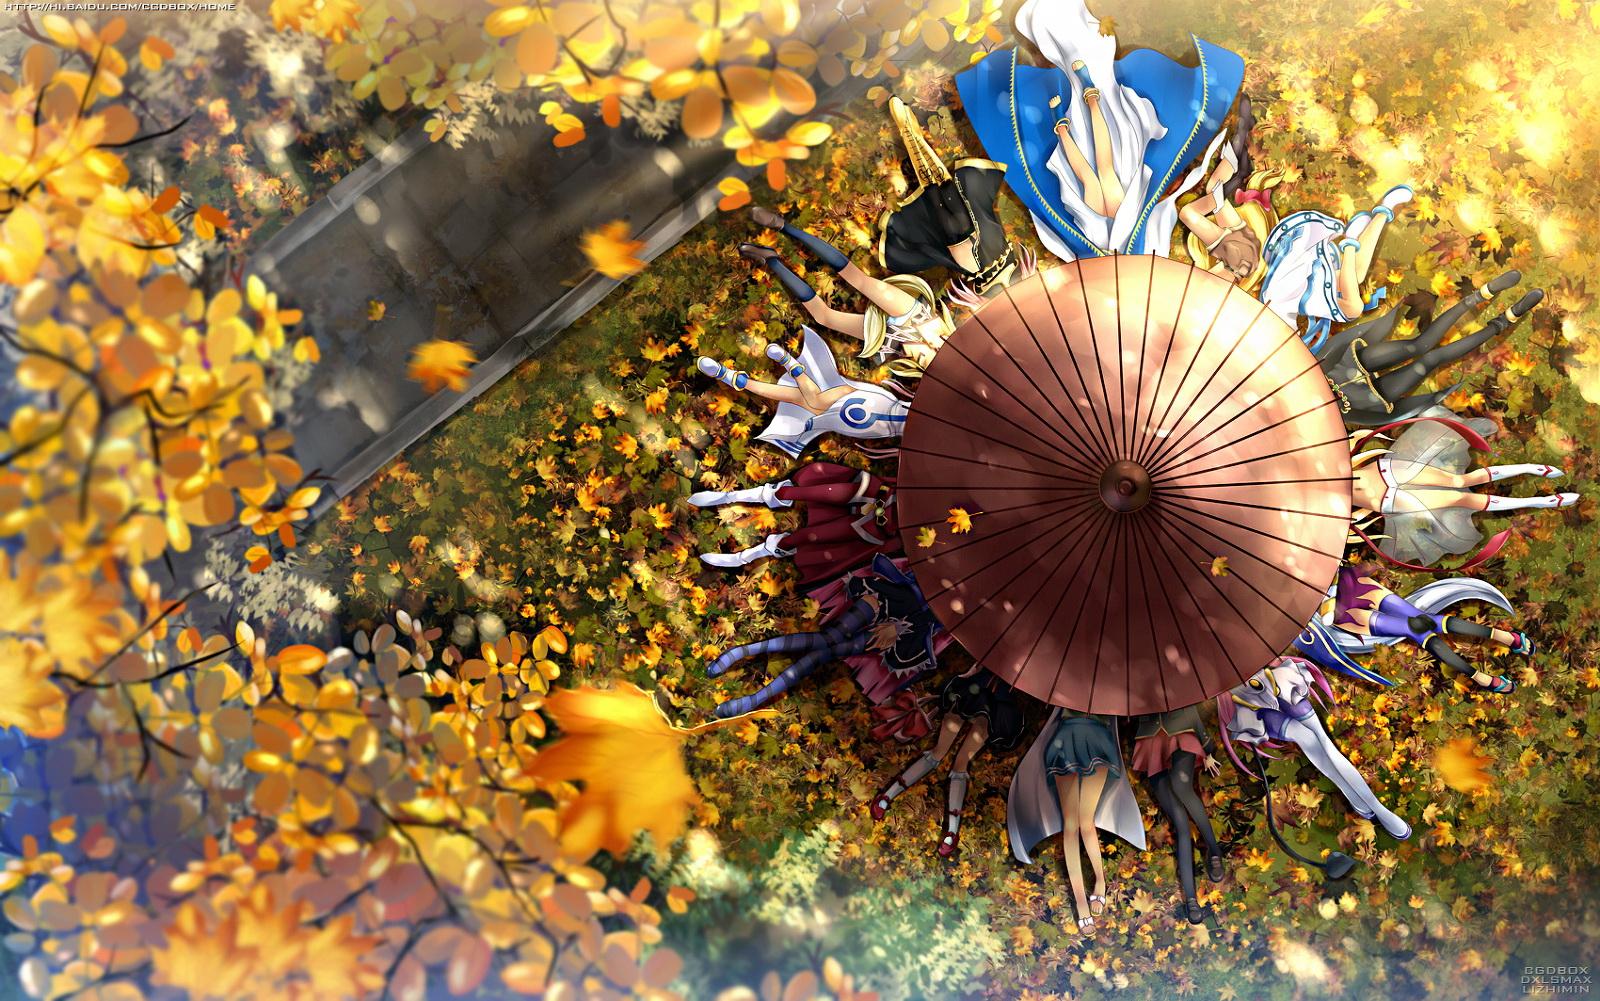 aa_megami-sama aria asakura_nemu autumn baka_to_test_to_shoukanjuu belldandy crossover da_capo dxlsmax_(lizhimin) ikamusume kanokon katanagatari kimi_ga_aruji_de_shitsuji_ga_ore_de kirishima_shouko kuonji_shinra lala_satalin_deviluke leaves lina_inverse lisa marin megurine_luka minamoto_chizuru mizunashi_akari panty_&_stocking_with_garterbelt seiken_no_blacksmith shinryaku!_ikamusume slayers stocking_(character) togame to_love_ru tree umbrella umi_monogatari umineko_no_naku_koro_ni ushiromiya_maria vocaloid